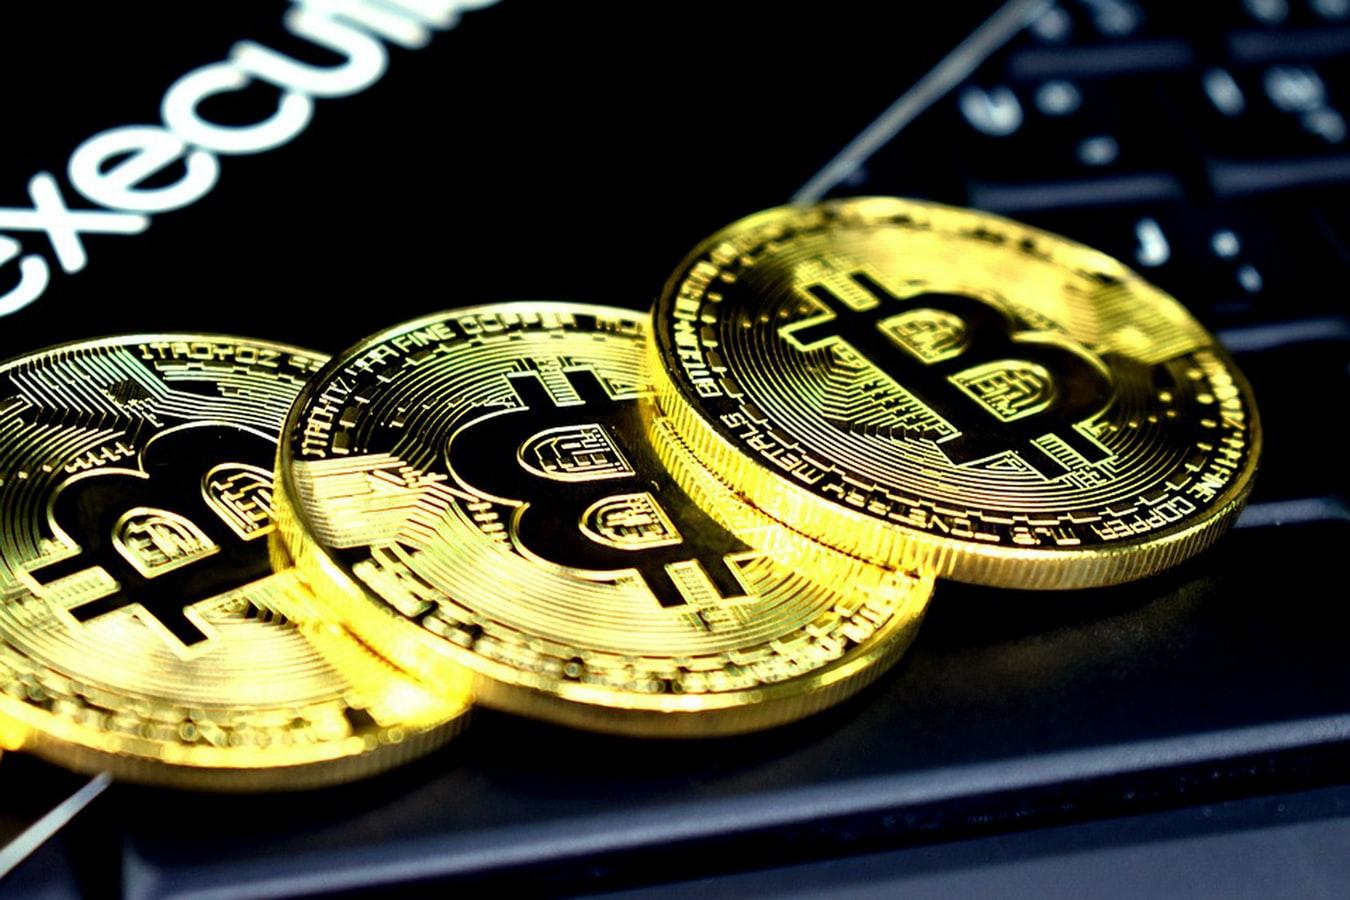 Les bitcoins sont de plus en plus populaires.